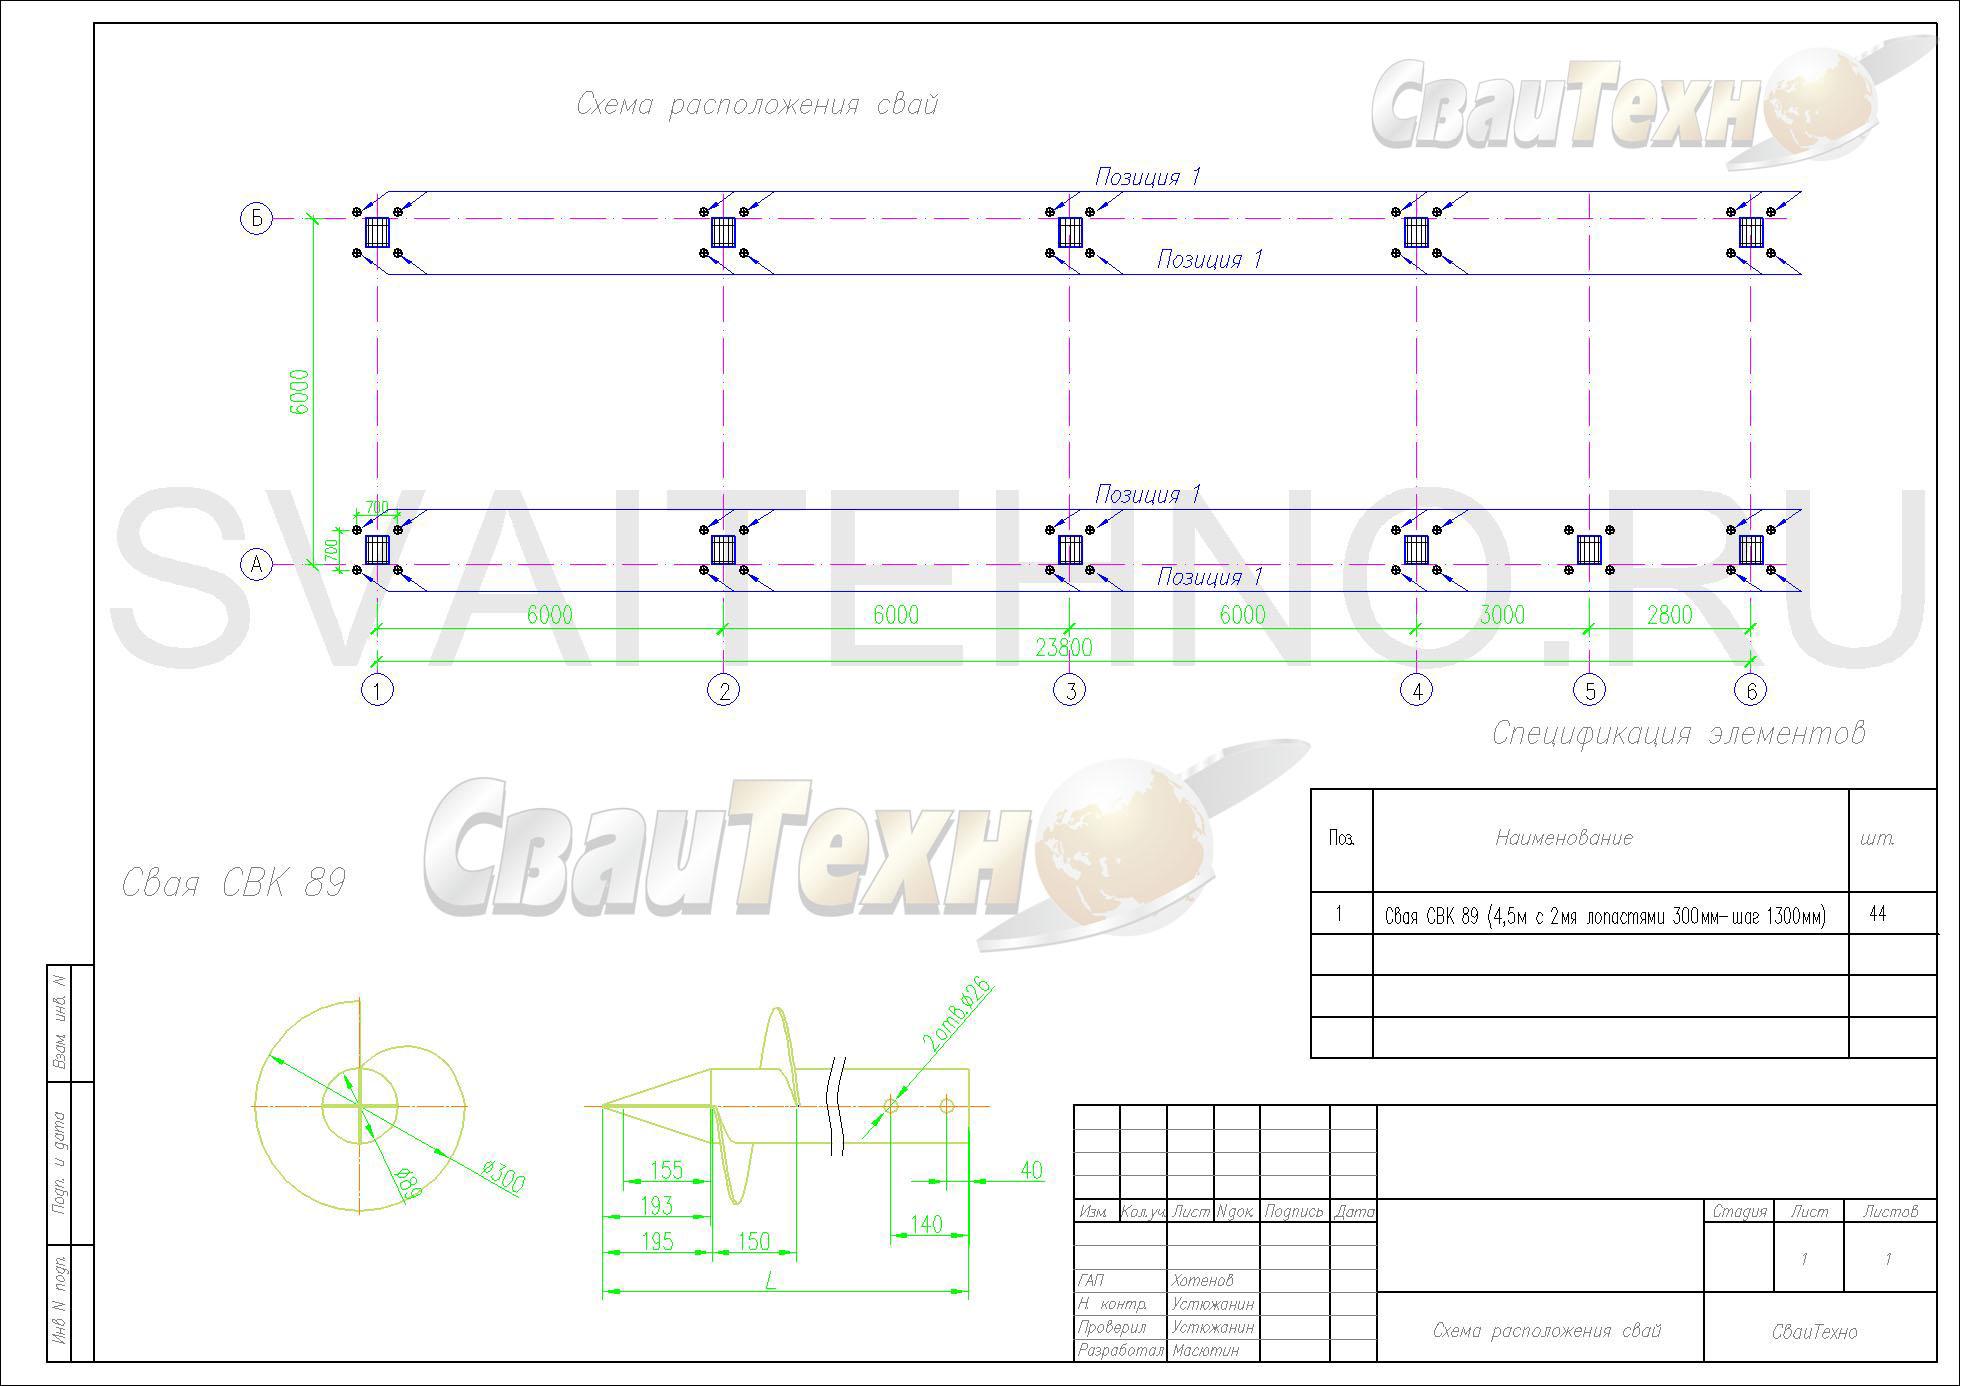 Схема расположения свай для подушек опор здания АБК